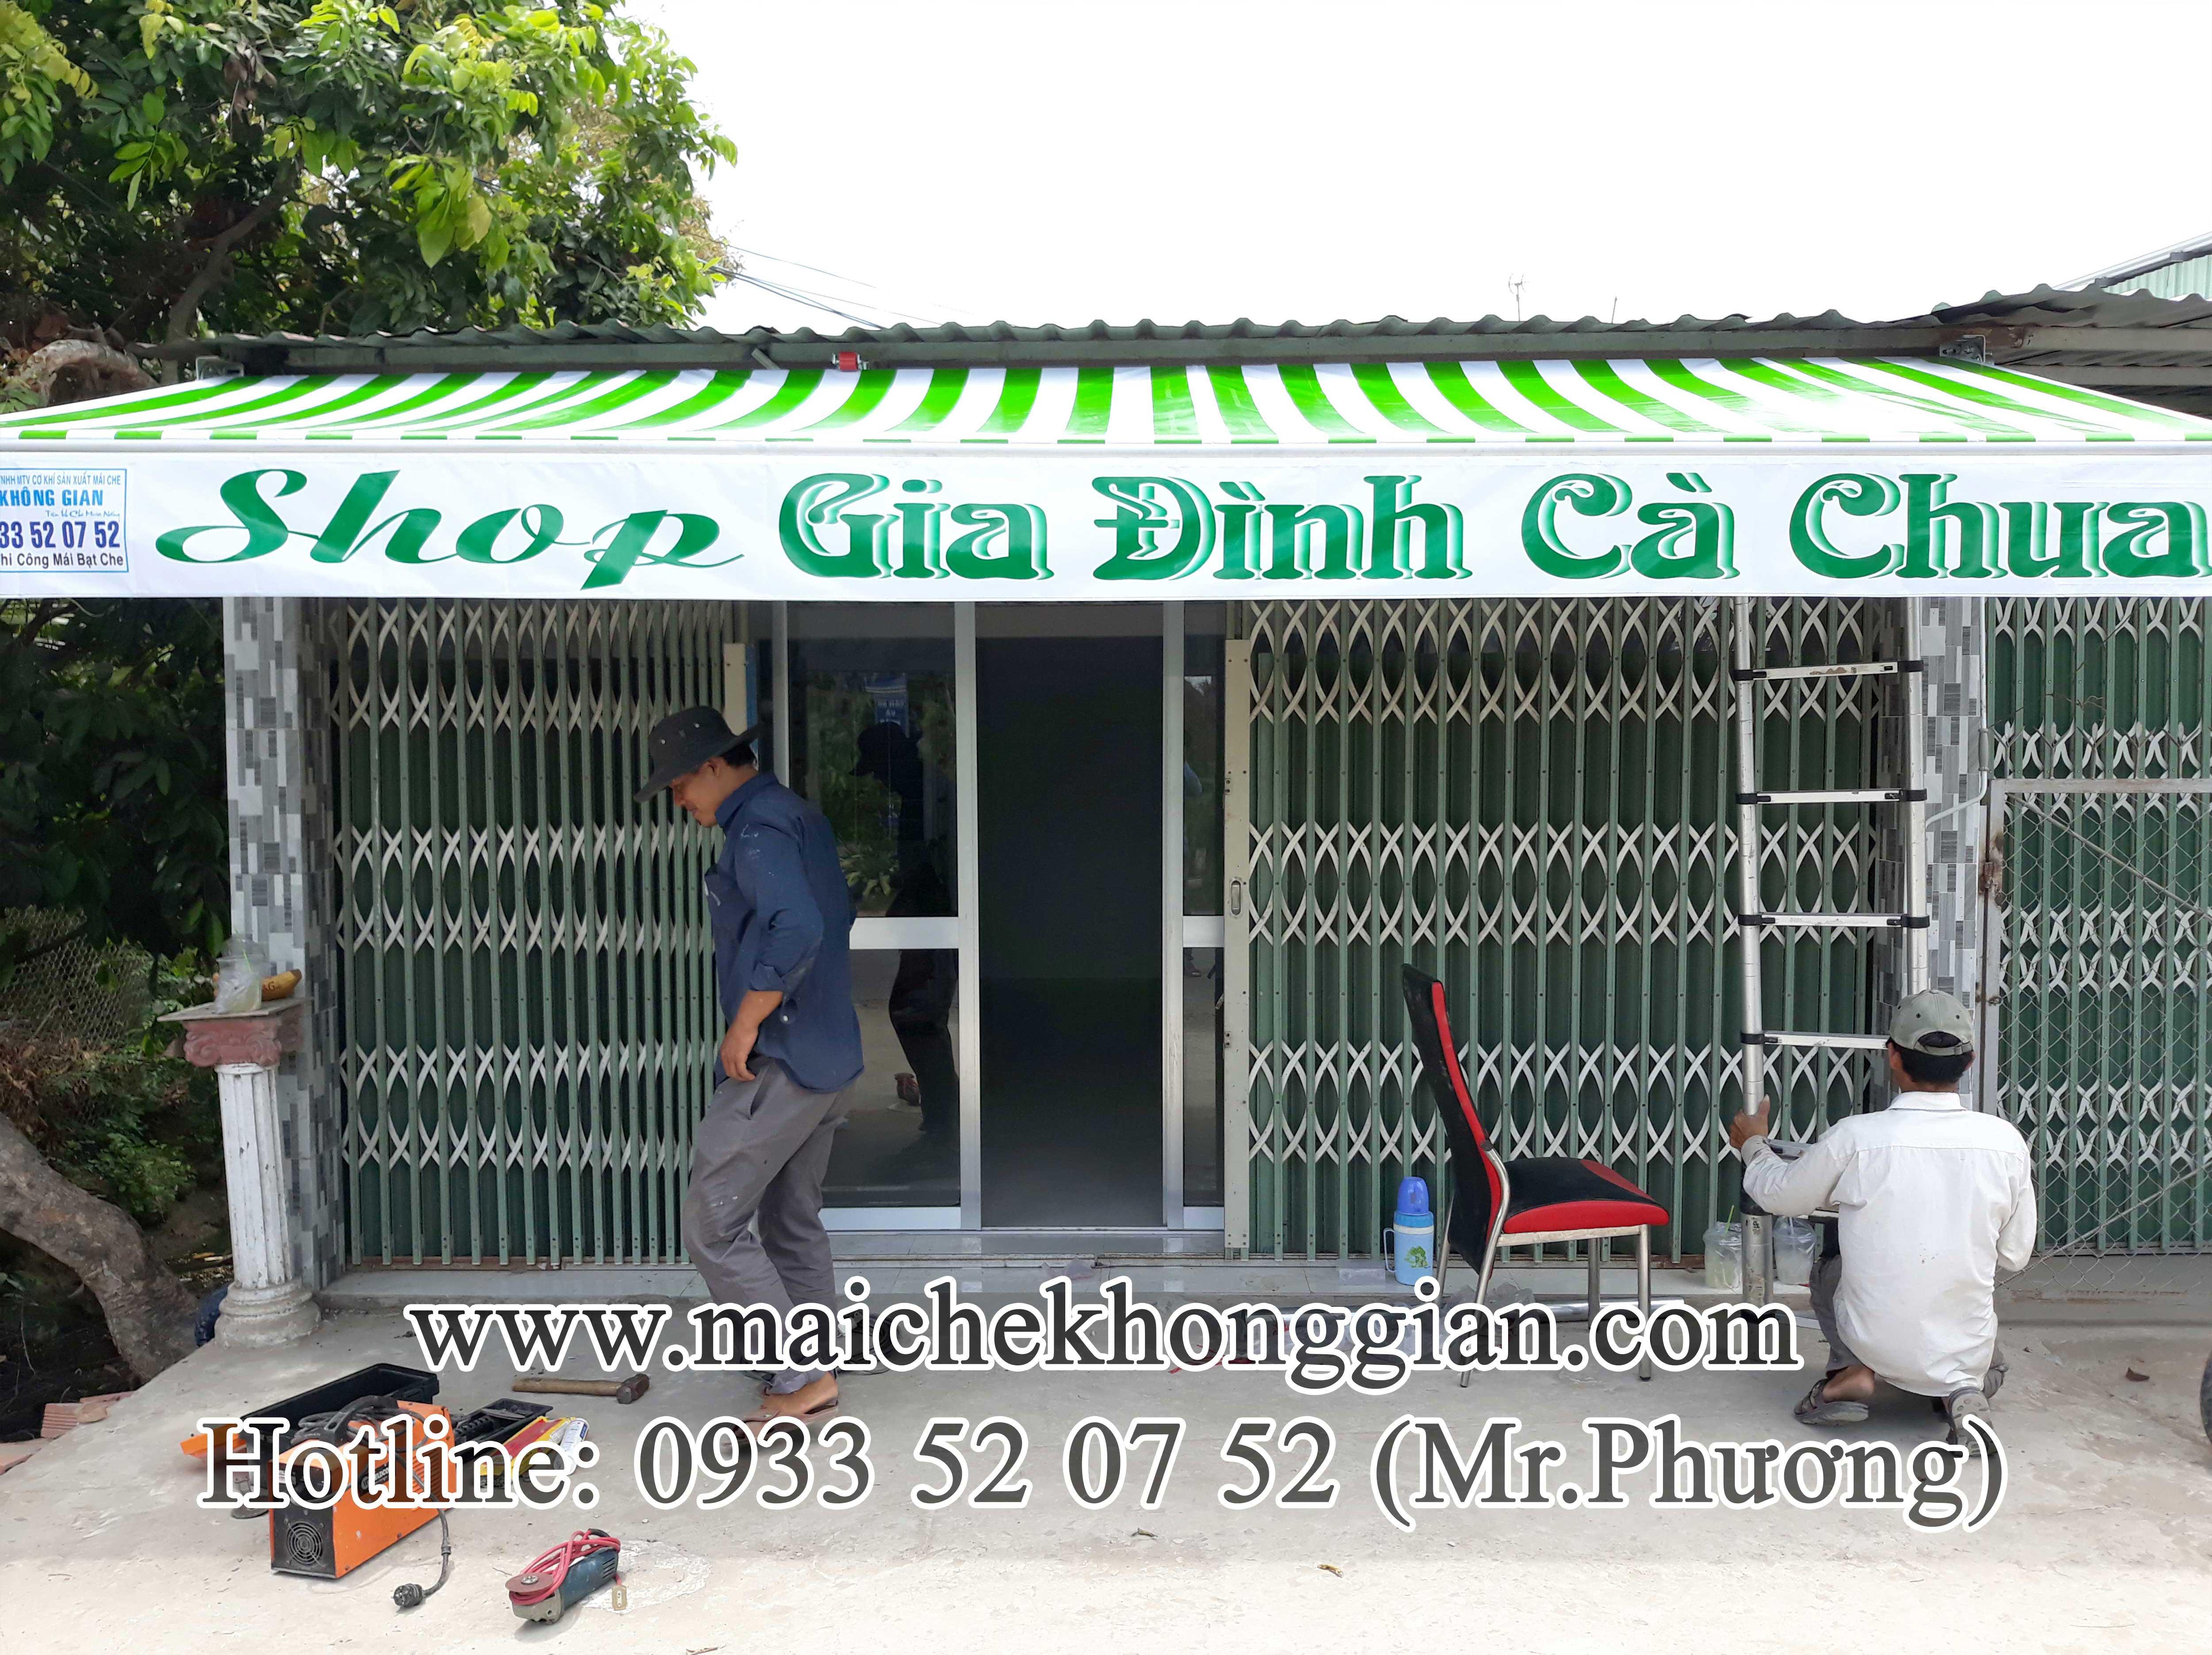 Mái hiên Thị xã Long Mỹ Hậu Giang